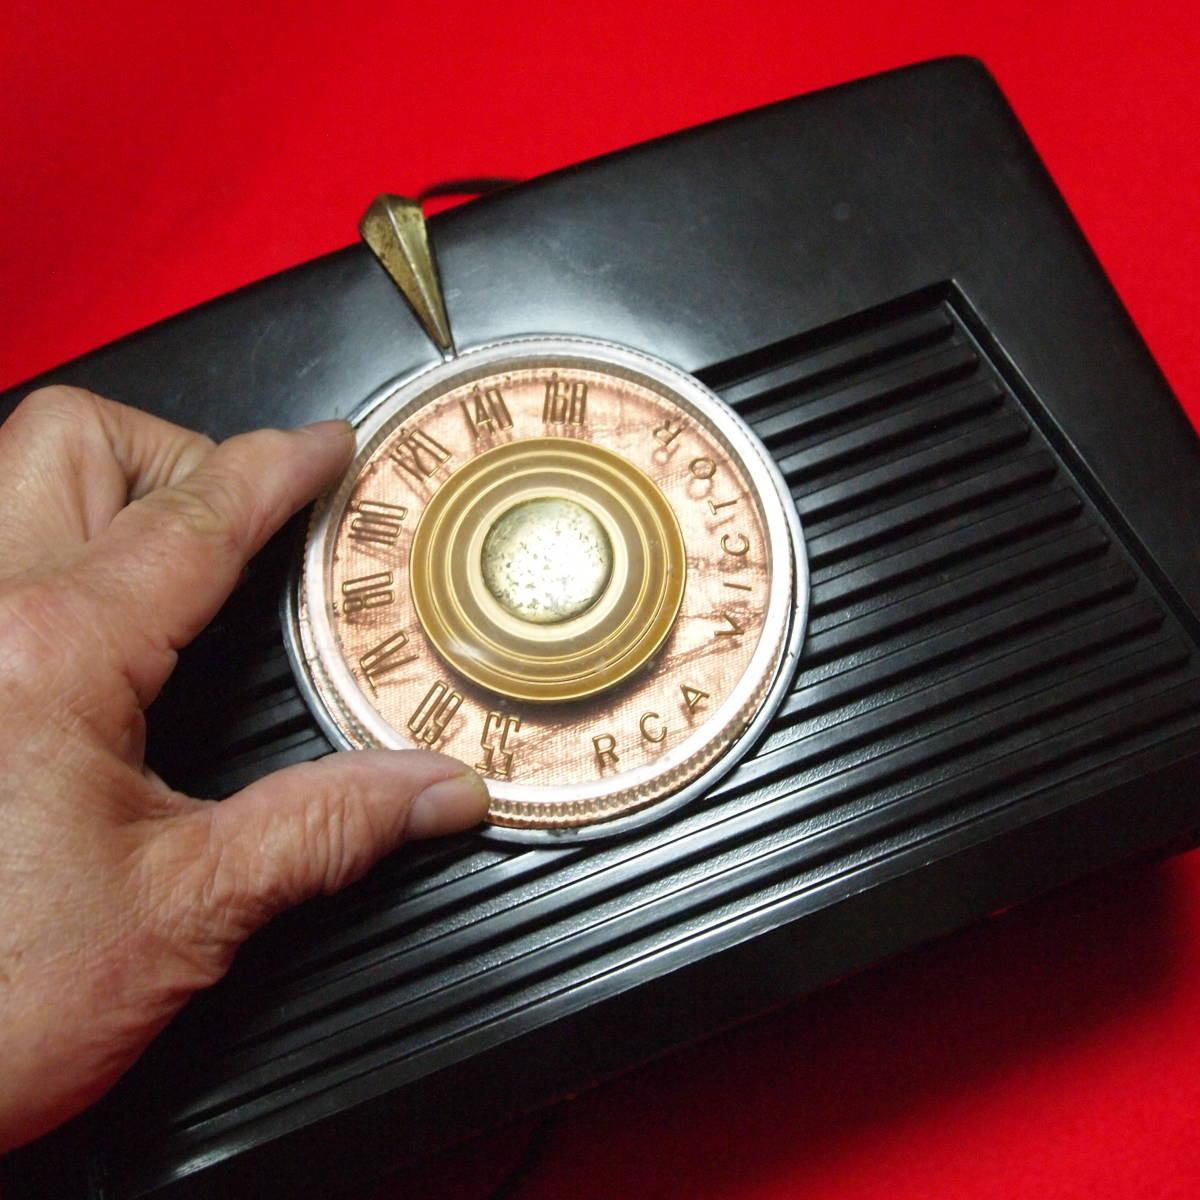 可愛い真空管ラジオ、RCAビクター、モデル8X541_画像6